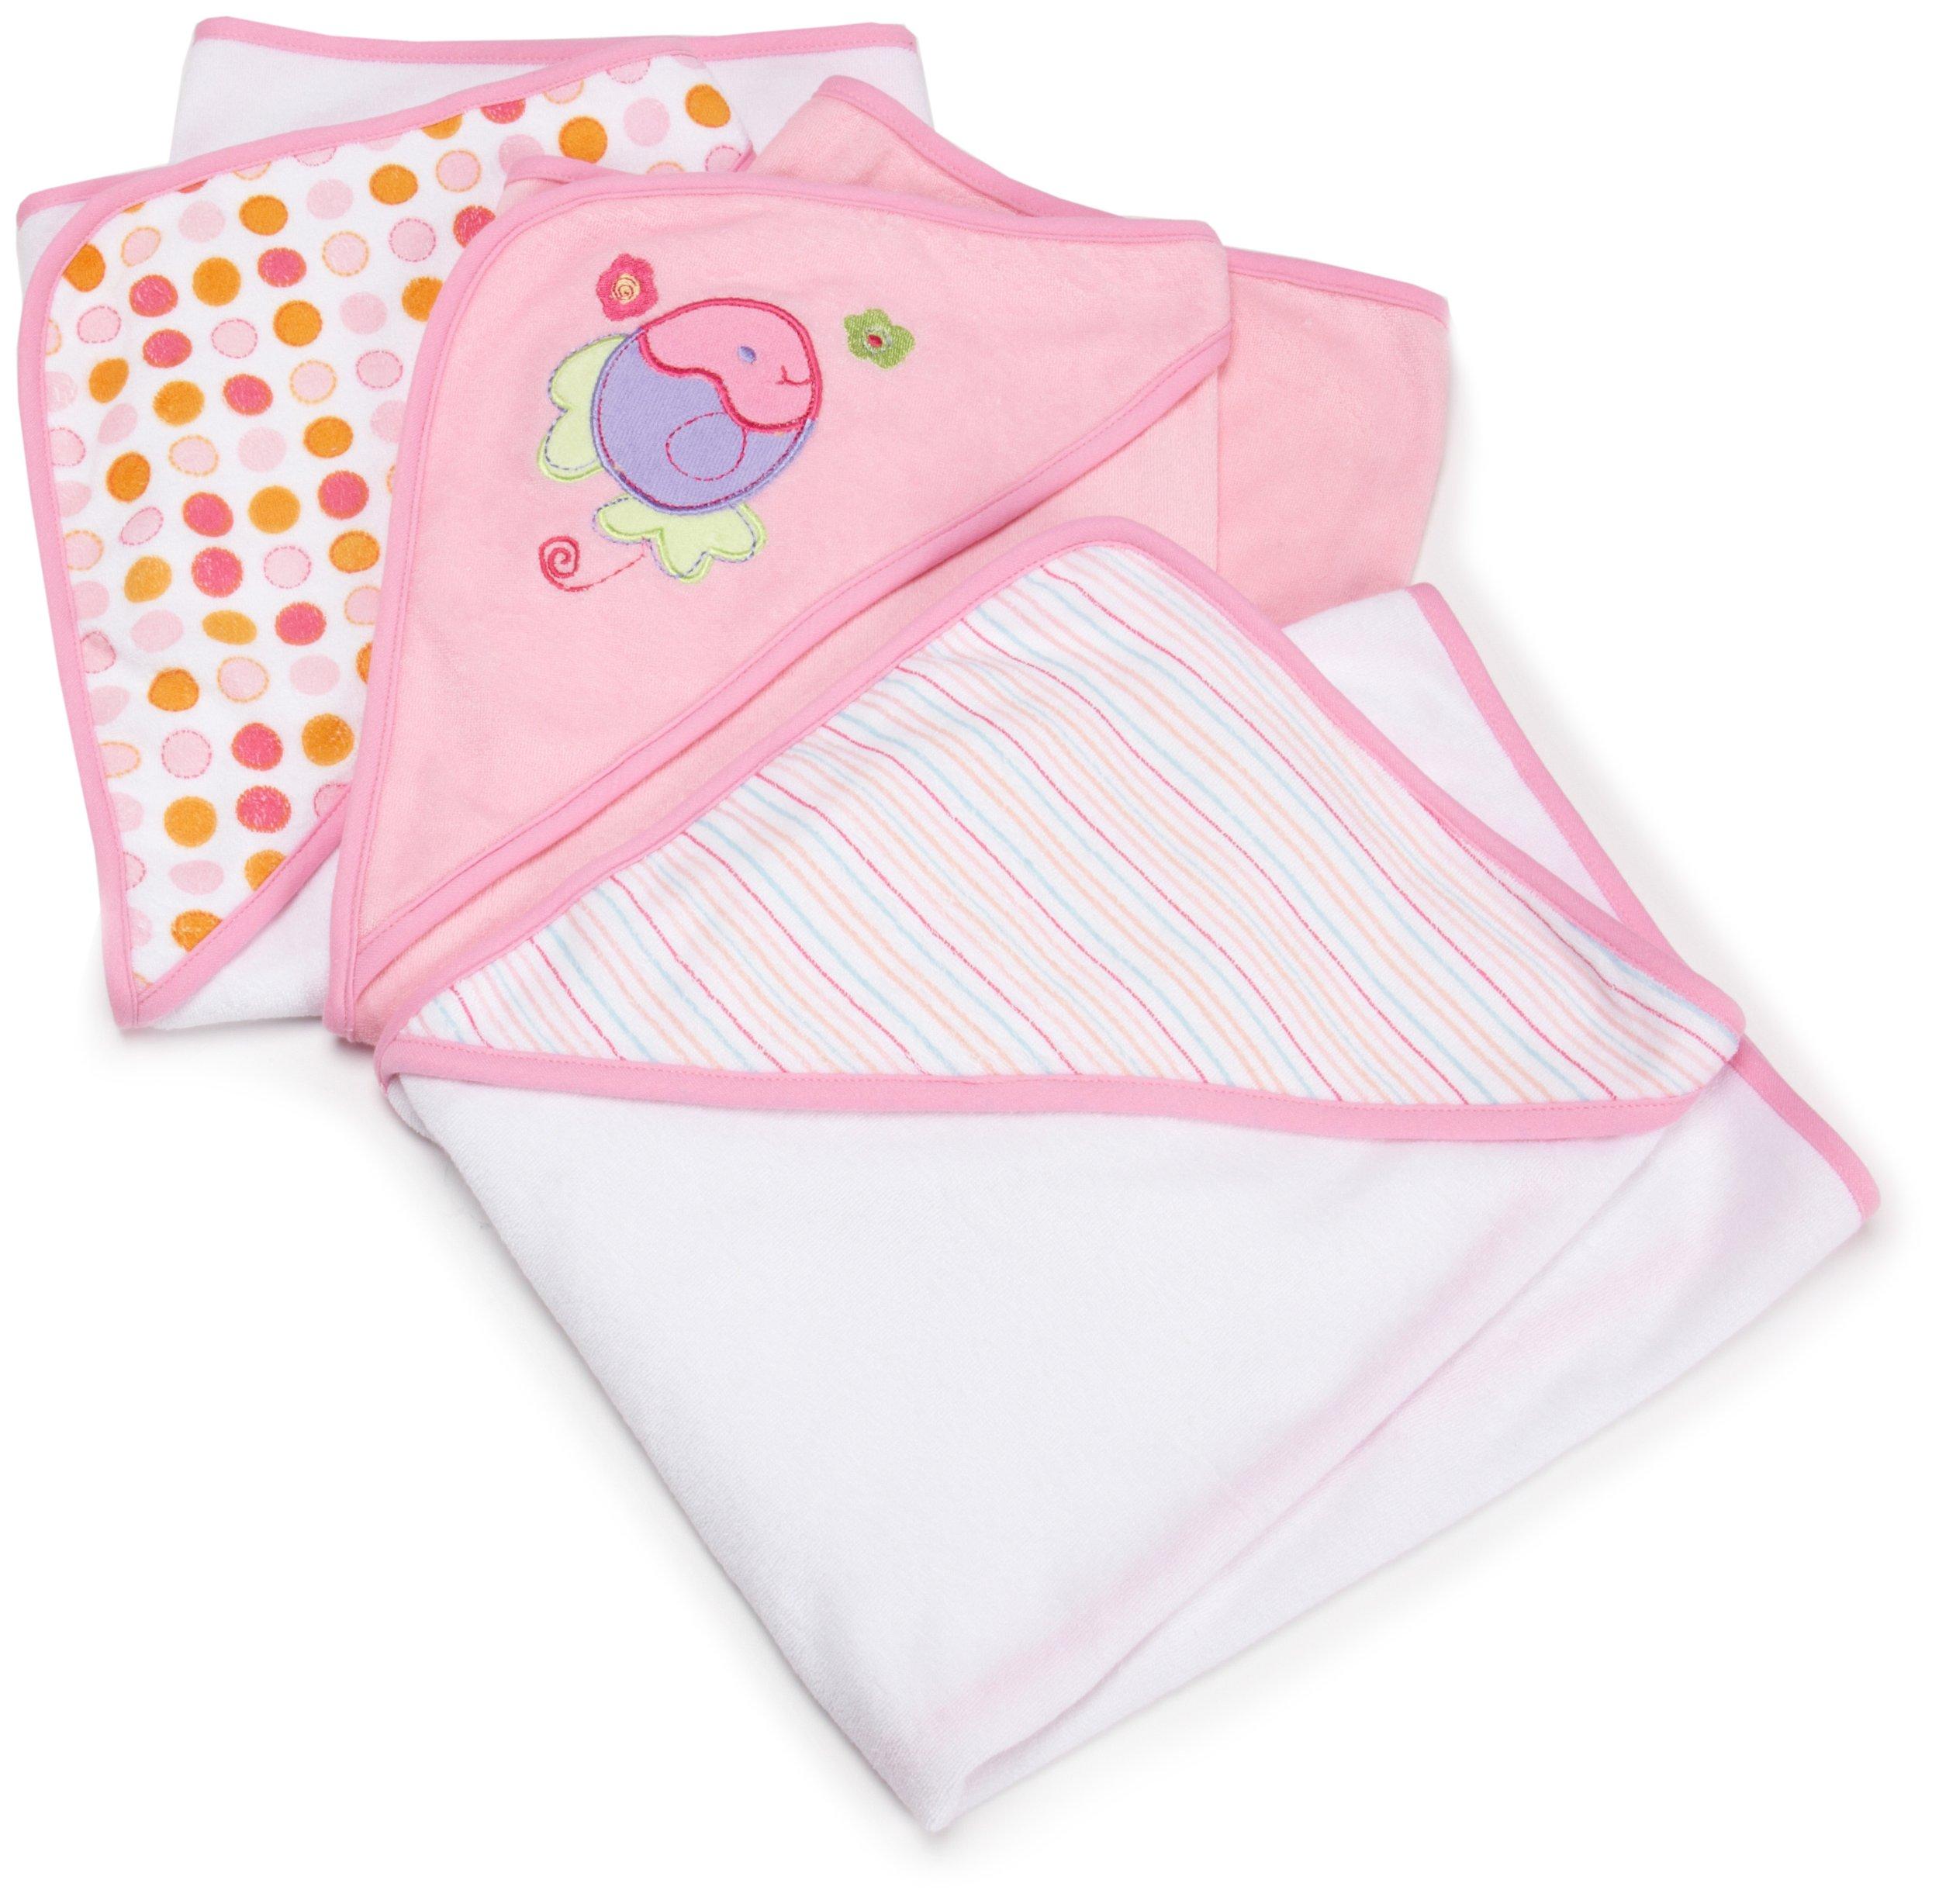 Spasilk 3 Pack Soft Terry Hooded Towel Set, Pink by Spasilk